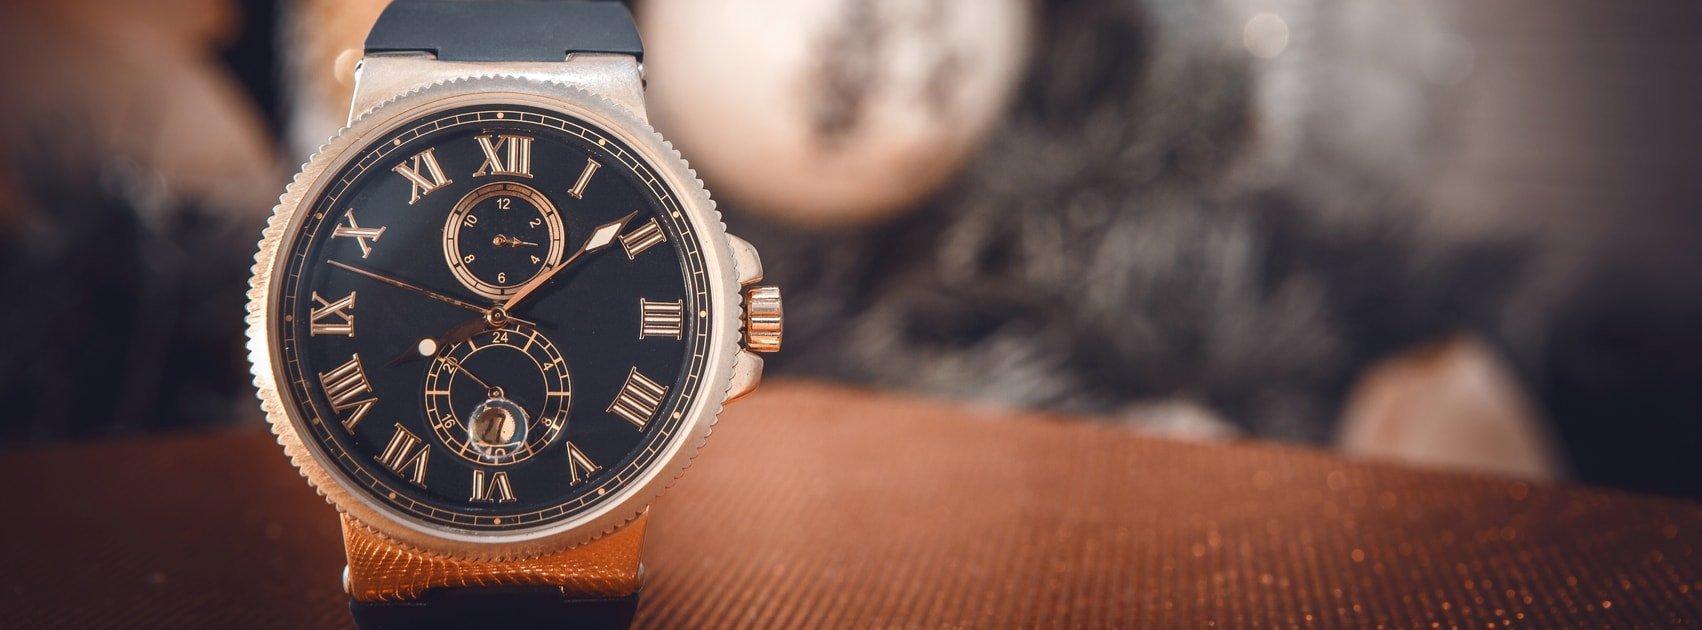 un cronografo